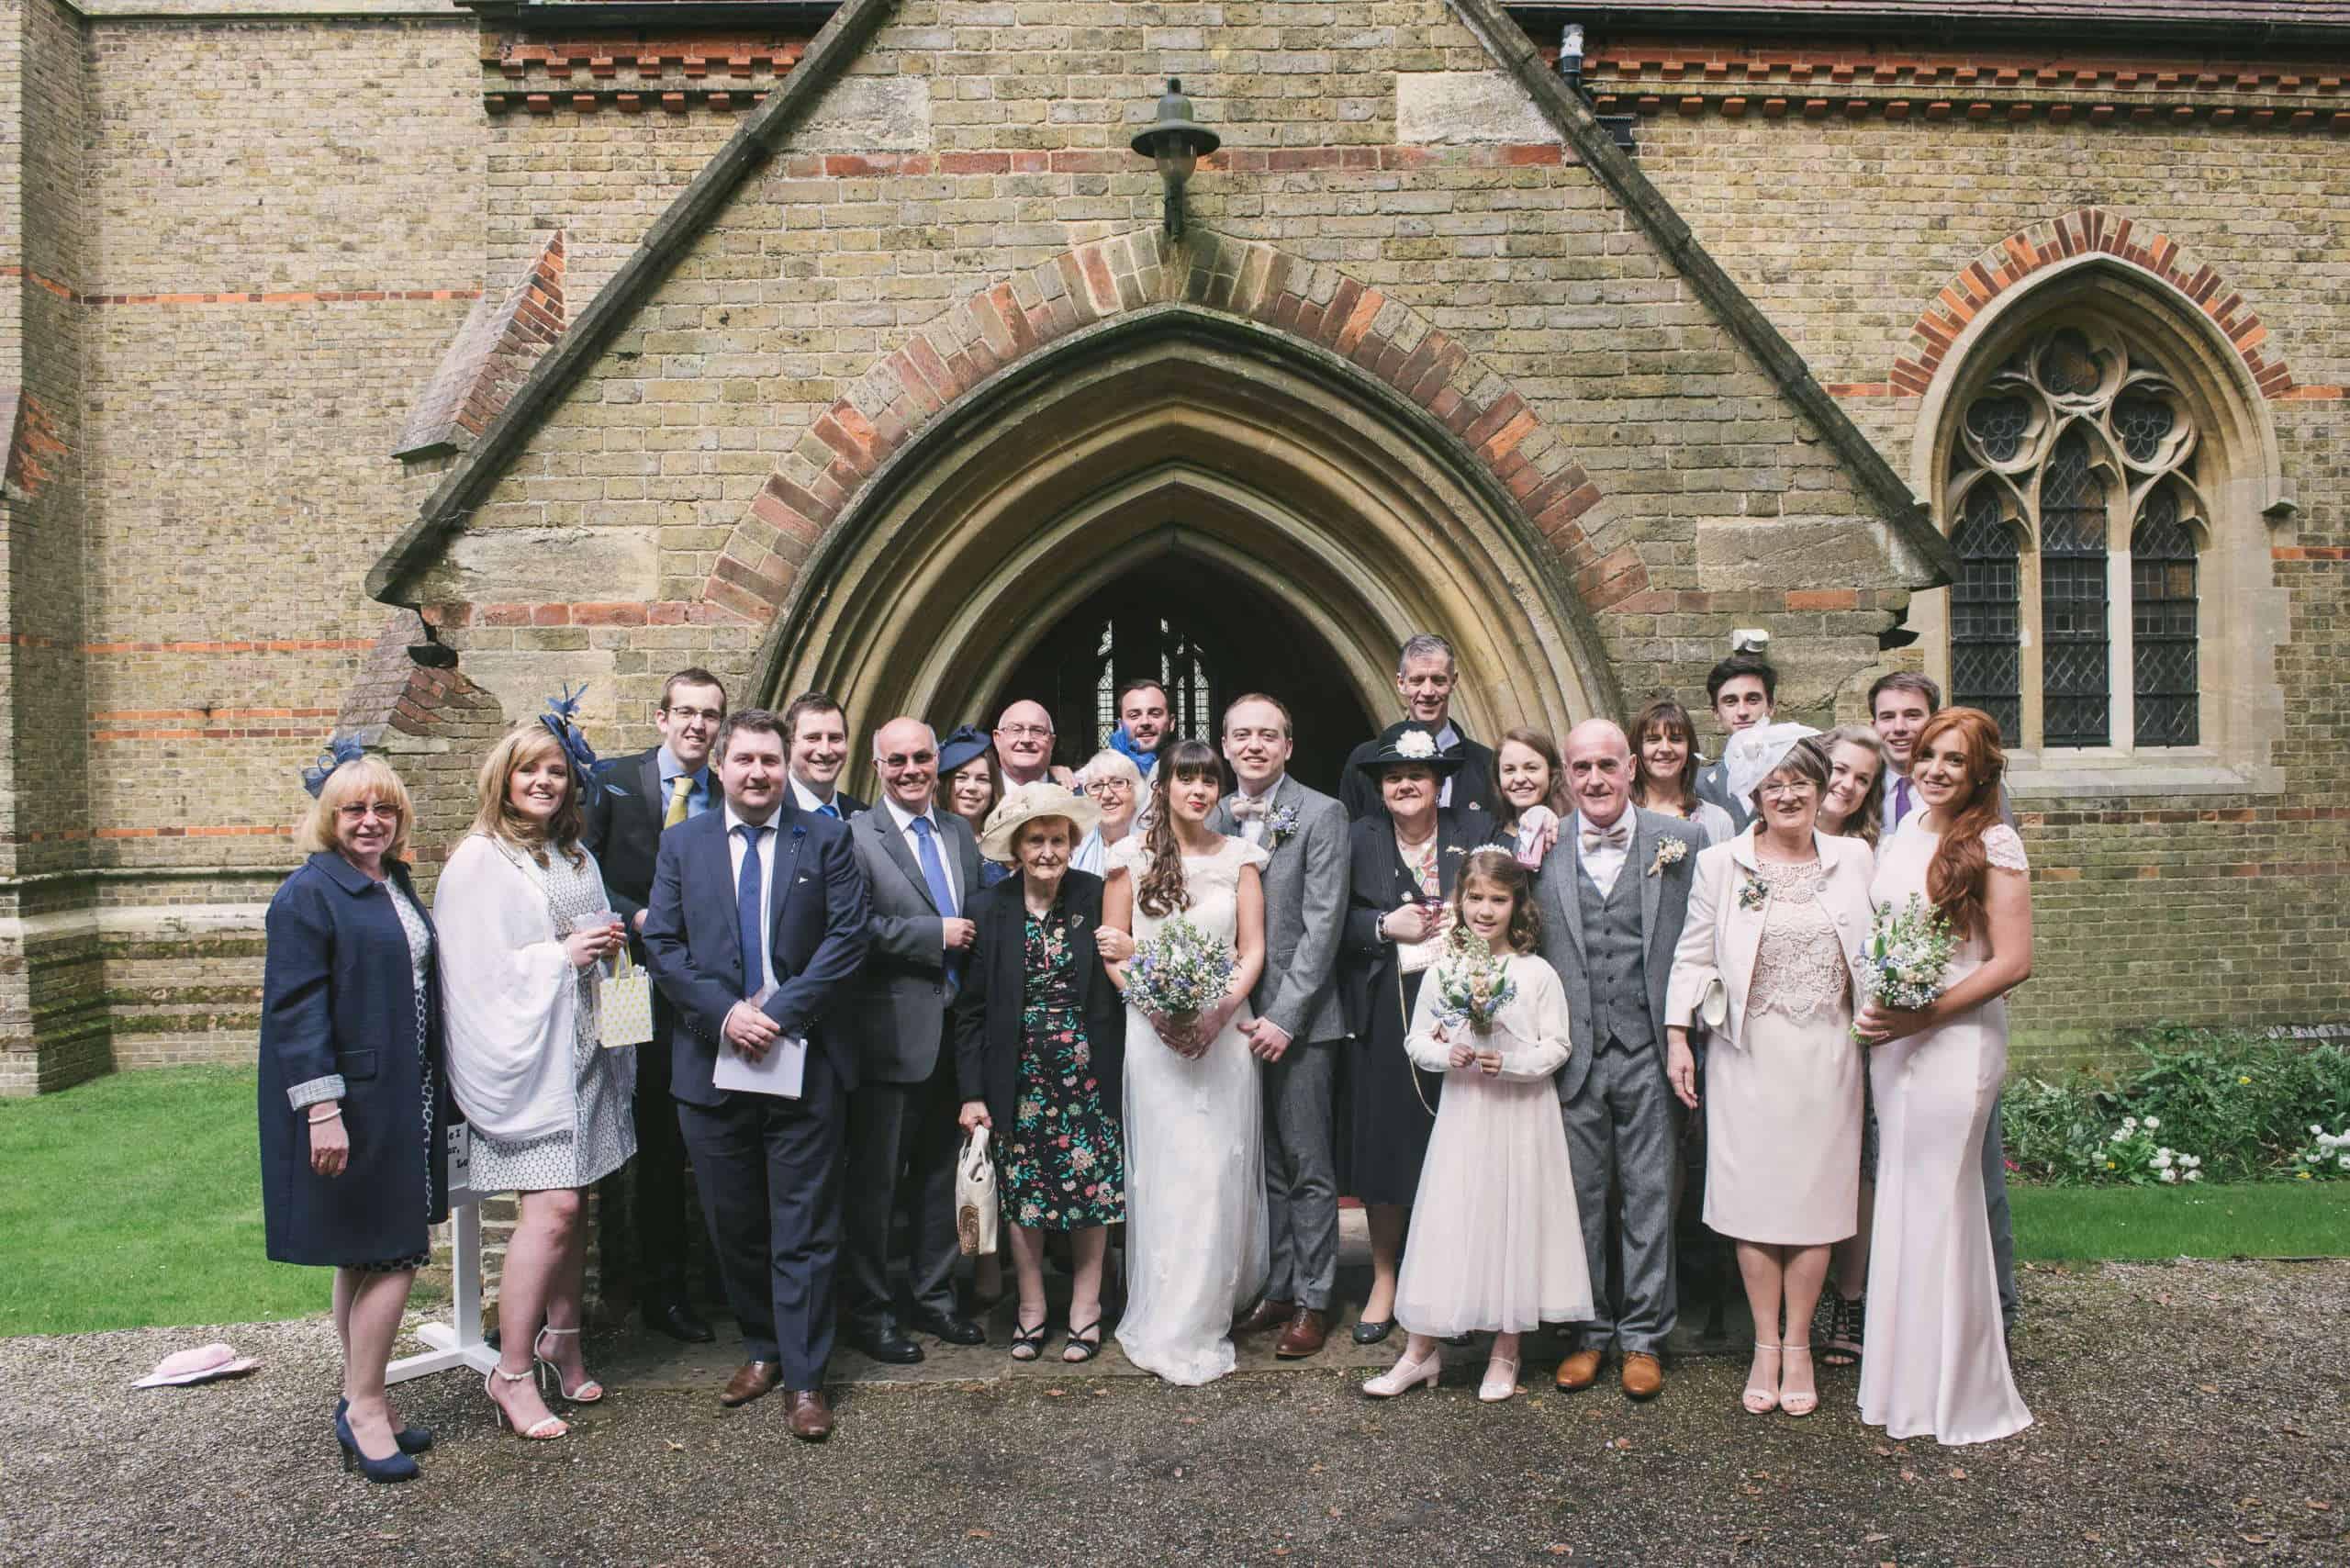 230416 Essex Wedding Photography Baddow Gallerywood 051